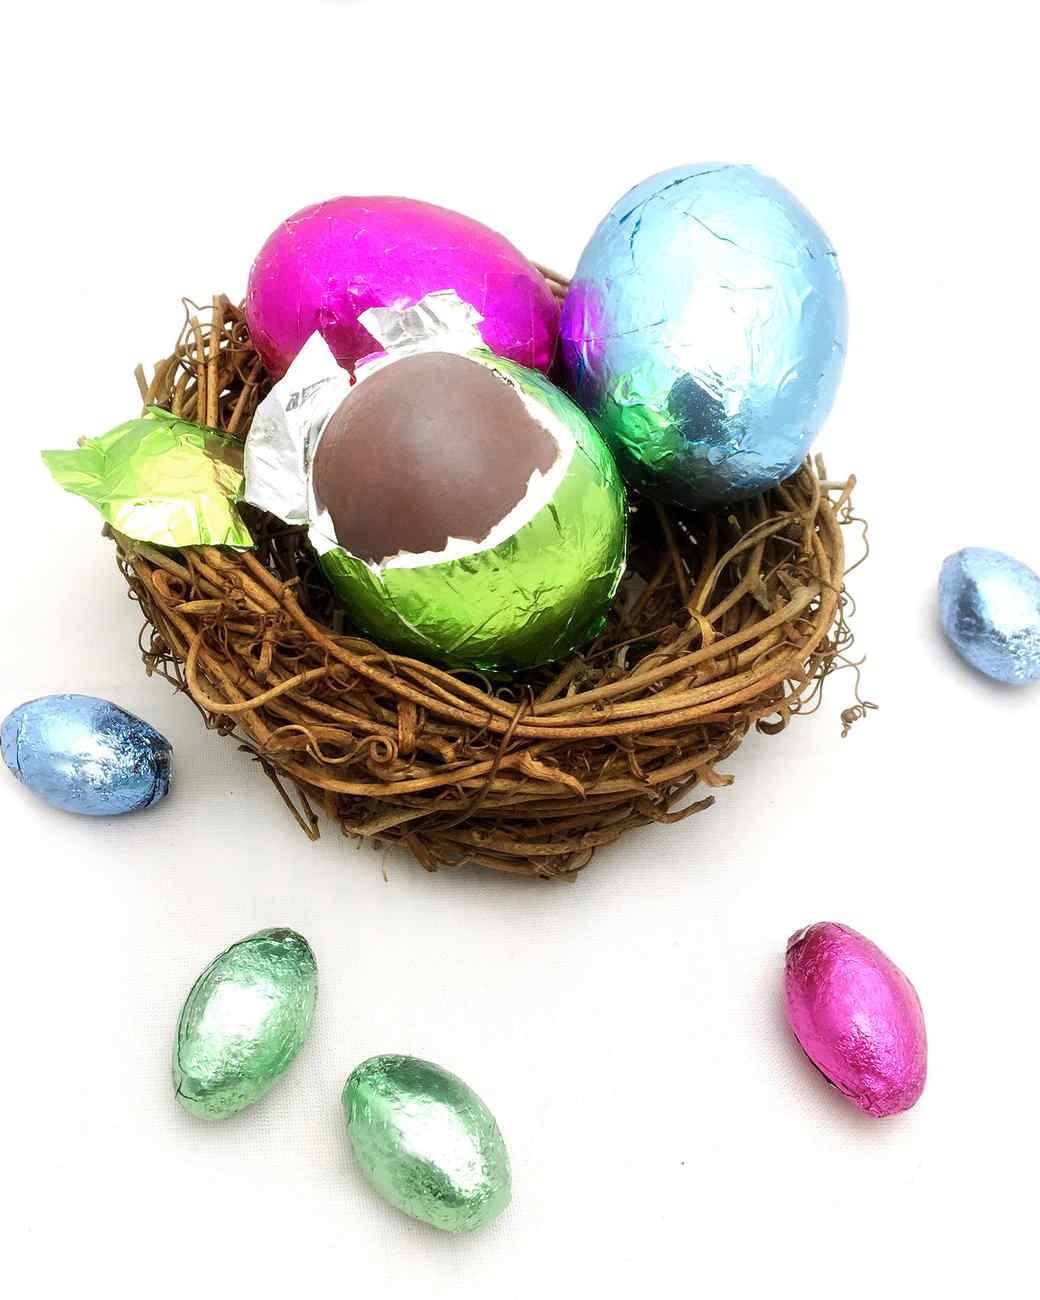 chocolate-easter-eggs-in-foil.jpg